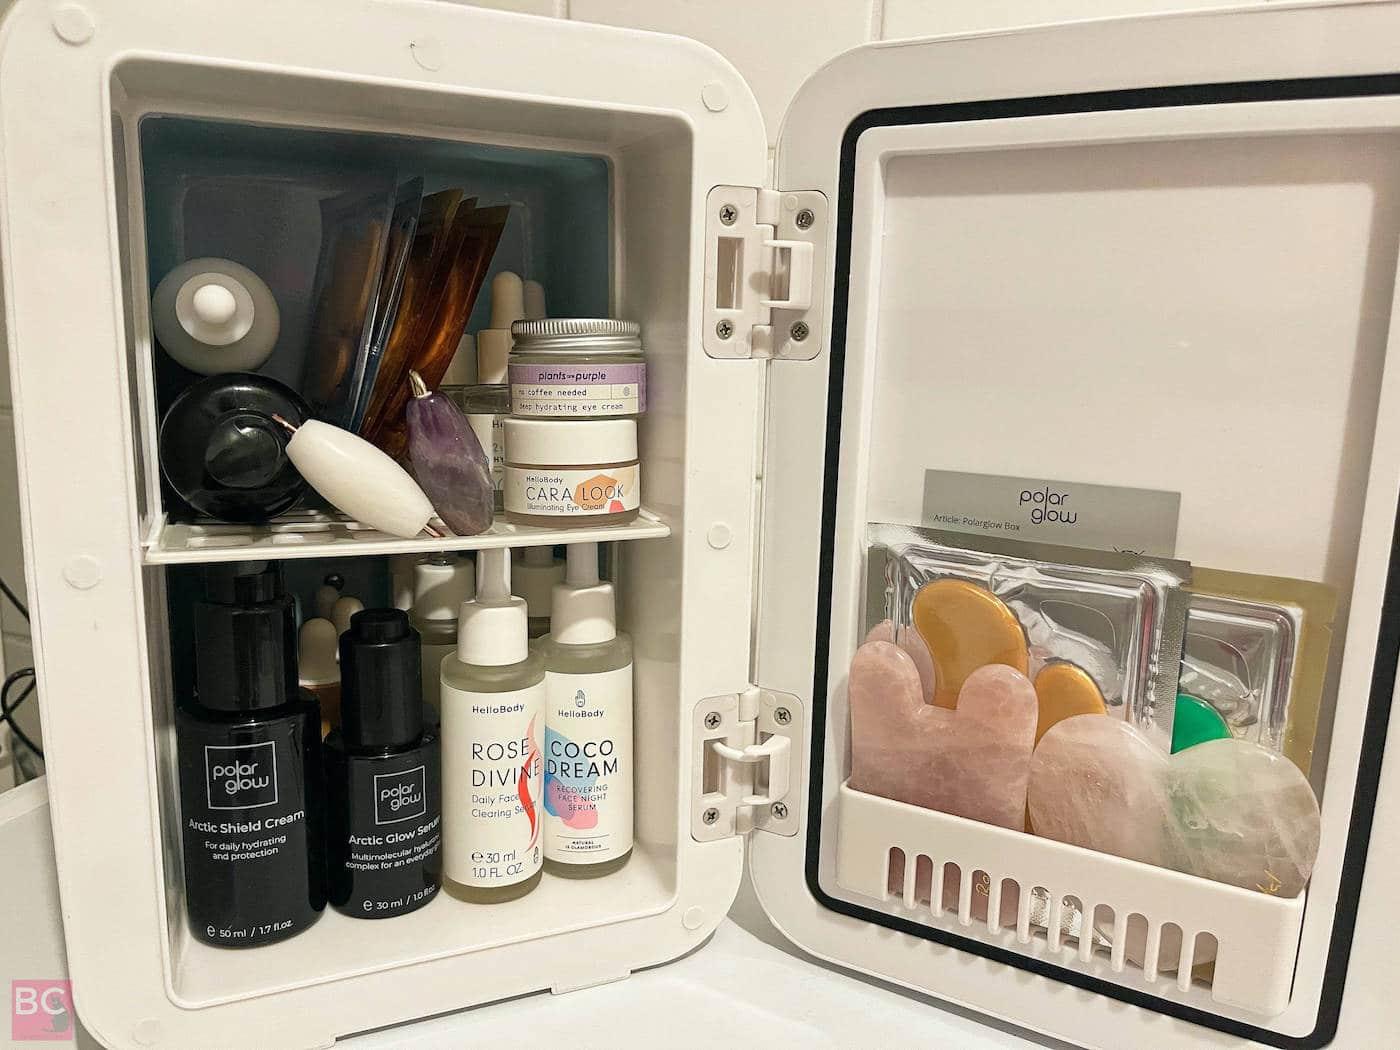 POLARGLPOLARGLOW GLOWBOX BOX Kühlbox Was passt alles rein in den Mini KühlschrankOW GLOWBOX BOX Kühlbox Was passt alles rei in den Mini Kühlschrank